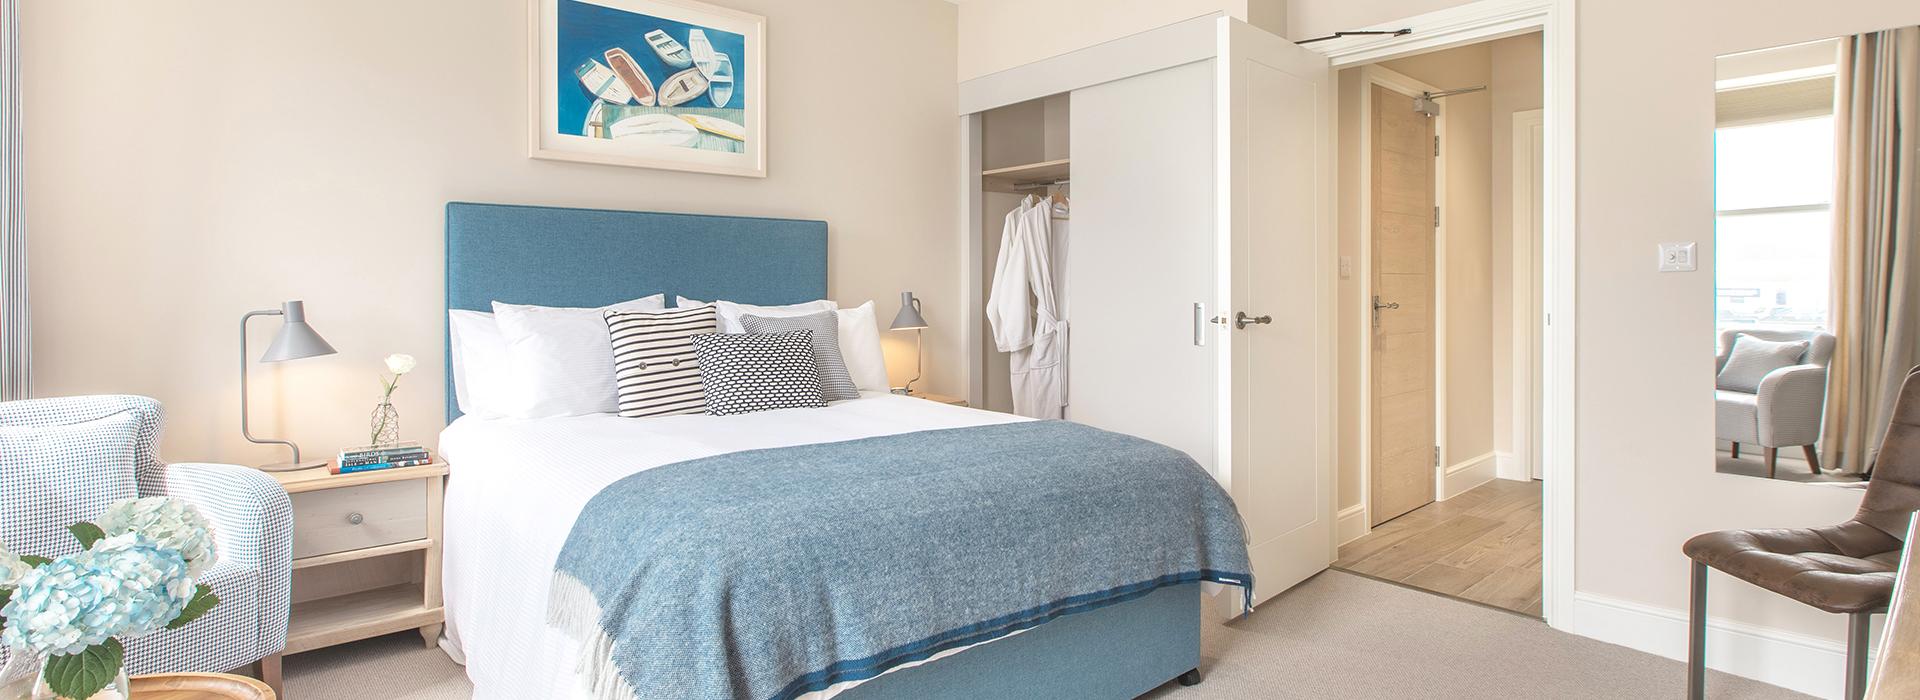 Crisp white bedroom with white door